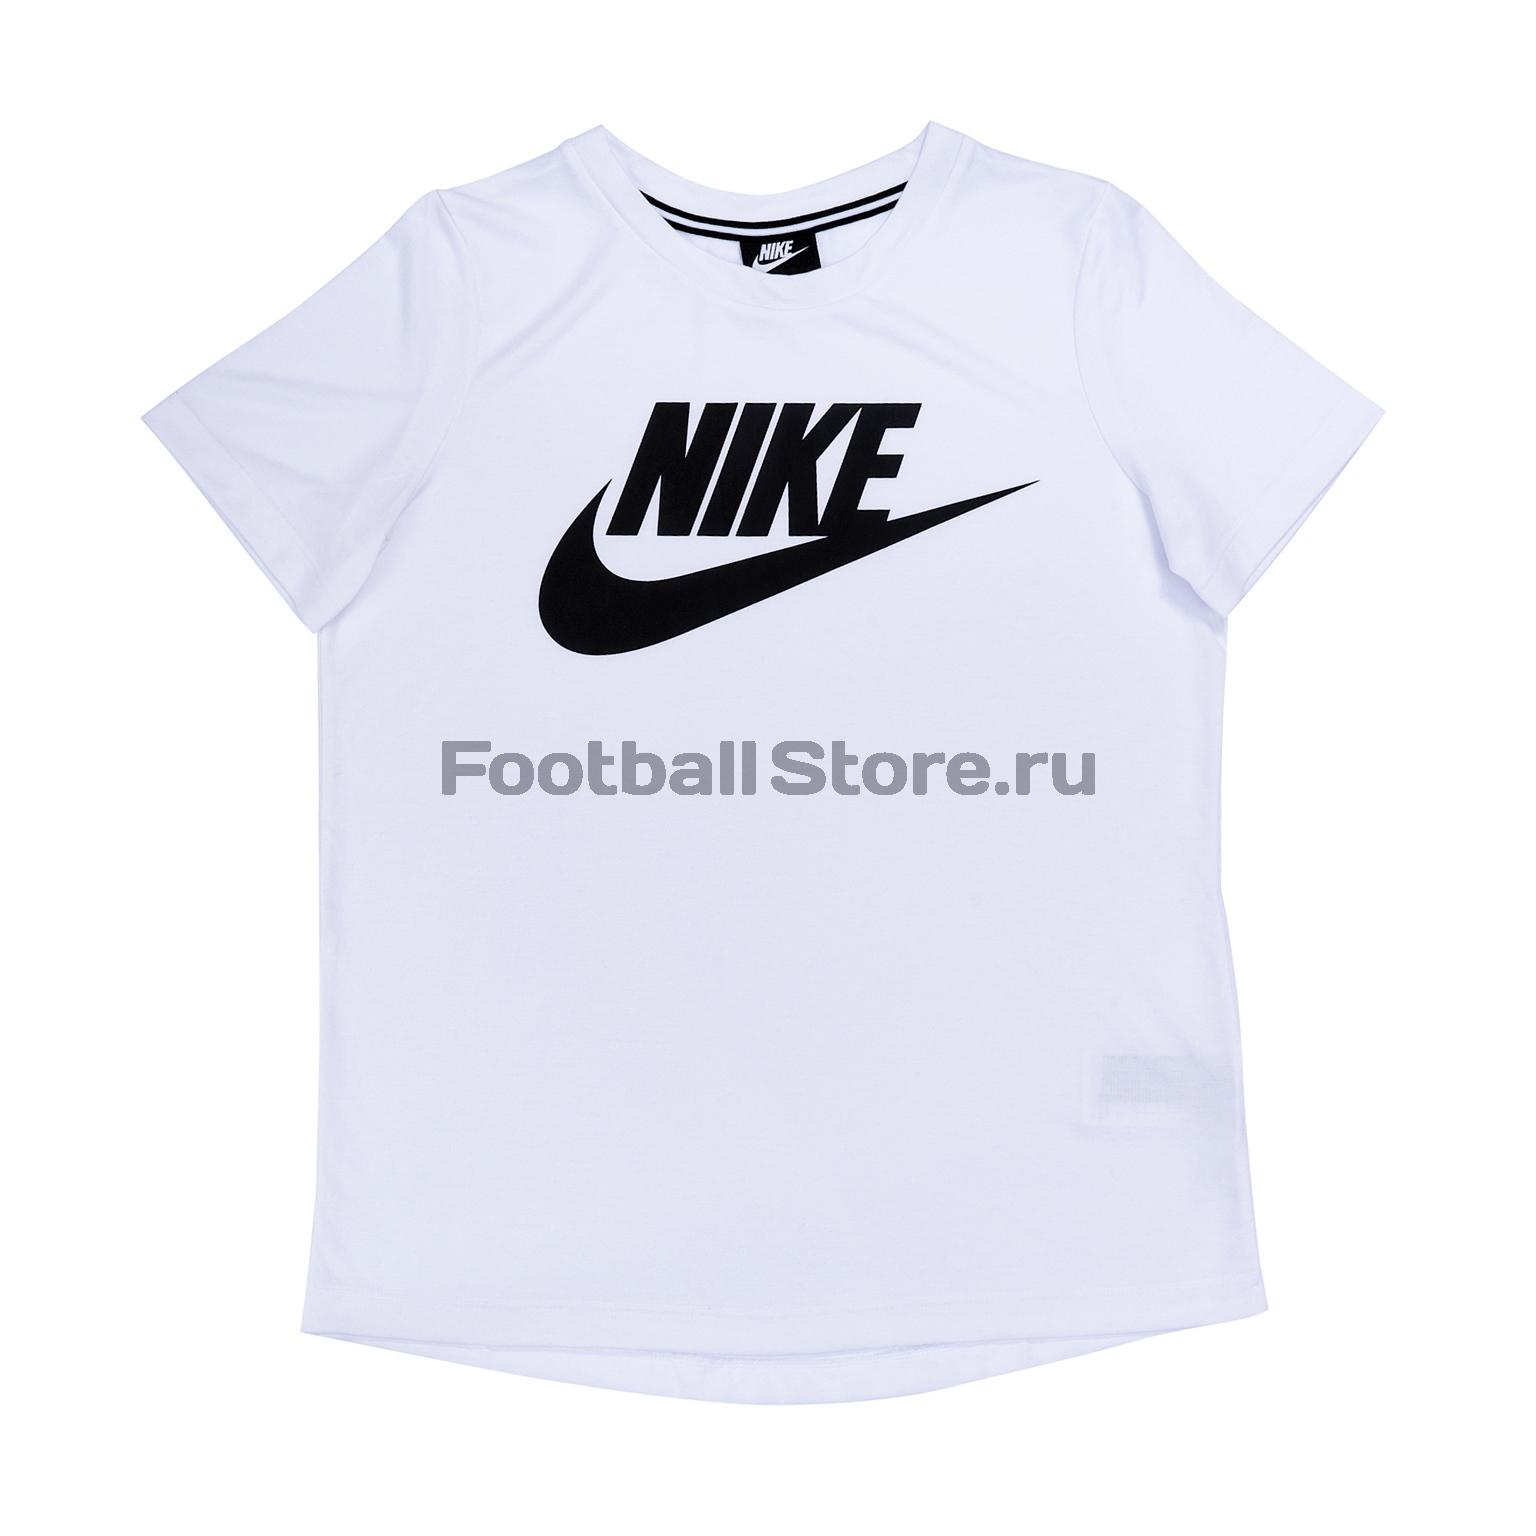 Футболка женская Nike ESSNTL Top 829747-100 футболка женская nike pro top цвет белый 889540 100 размер s 42 44